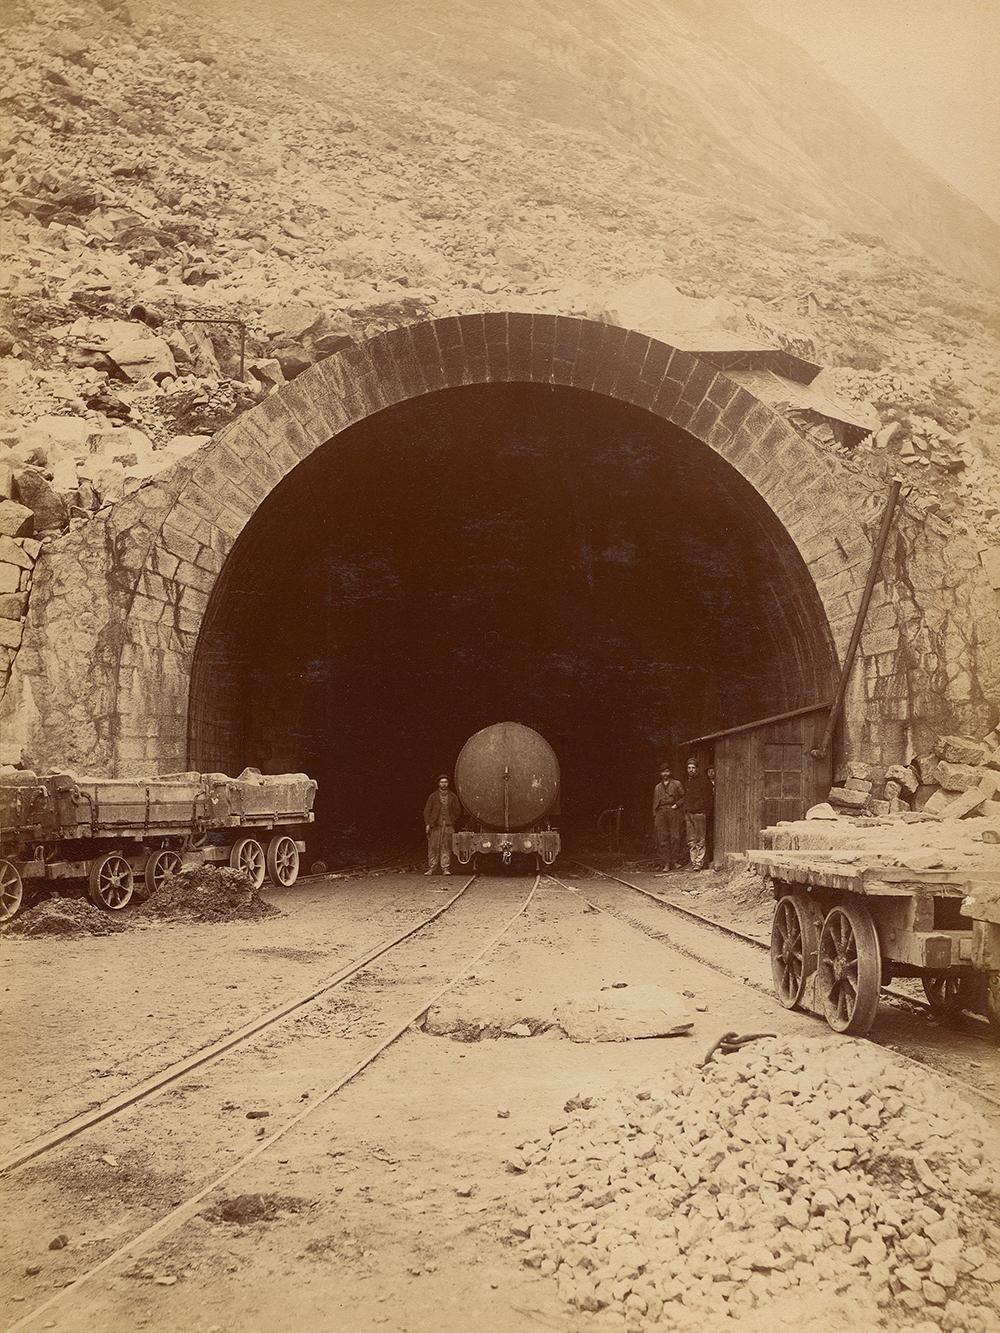 Photographie de l'entrée du Gothard, vers 1875. On reconnaît aisément les trois hommes posant contre le mur et au niveau du wagon.